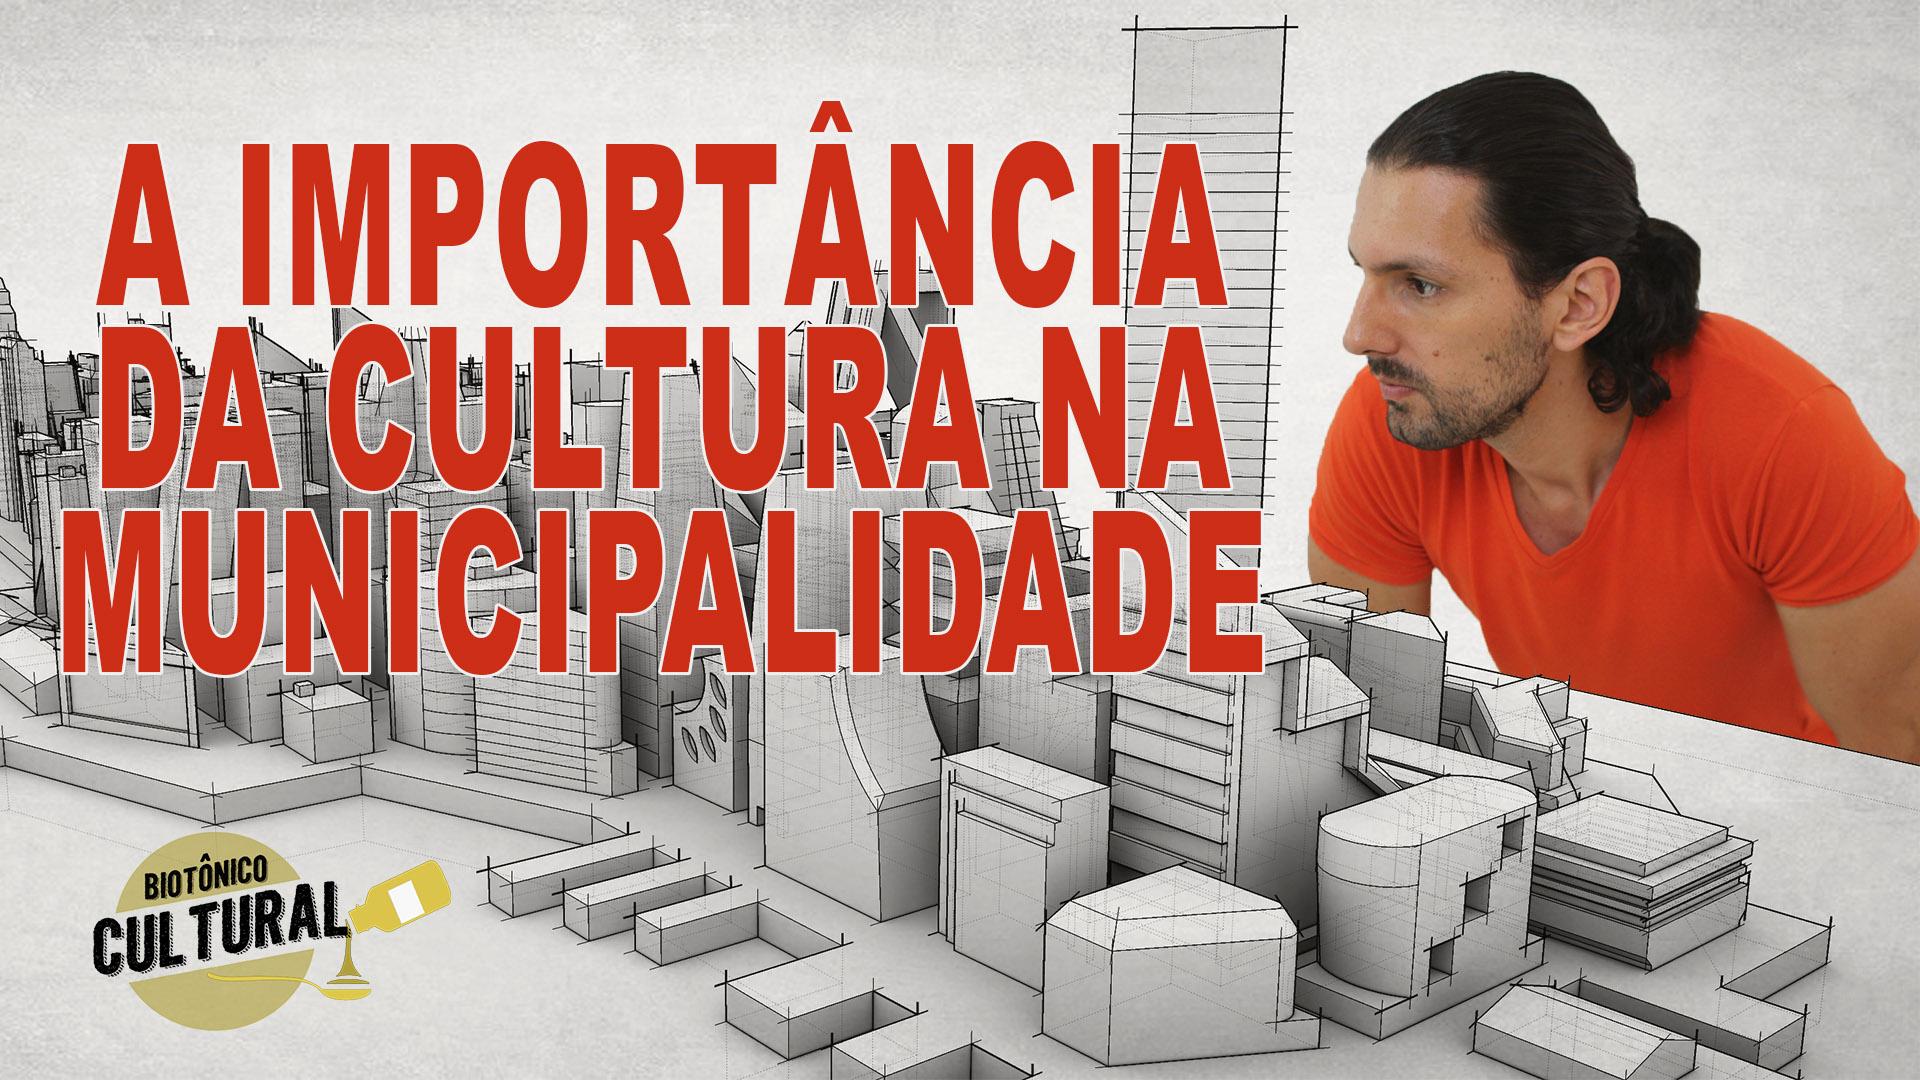 Biotônico Cultural 04